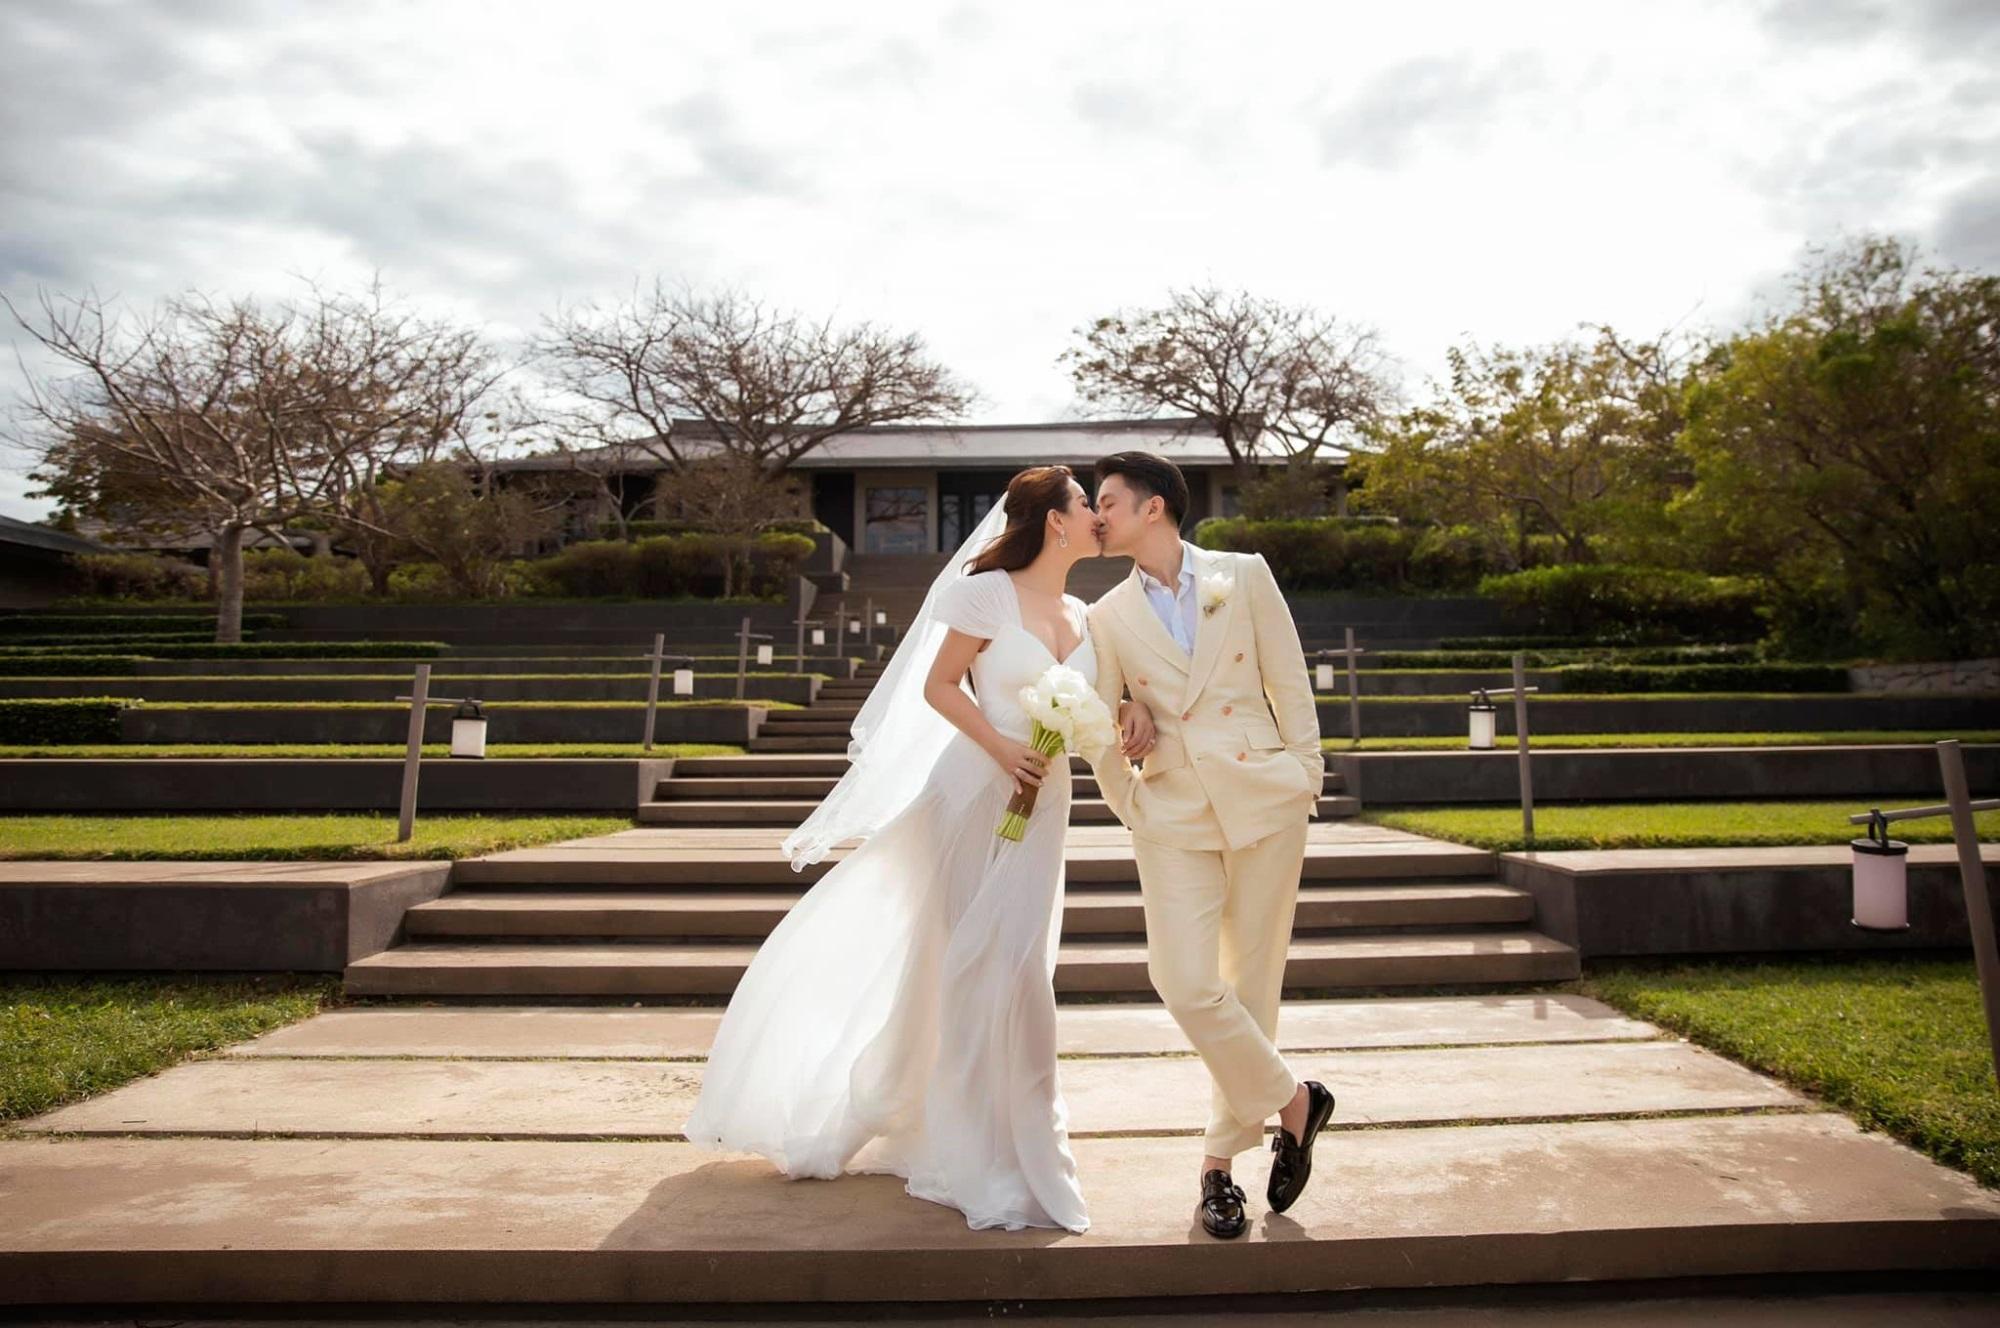 Hôn nhân tan vỡ, mỹ nhân Việt nên duyên cùng tình trẻ: Người được cưng chiều hết nấc, người kết hôn cùng 'phi công' kém 10 tuổi  - Ảnh 10